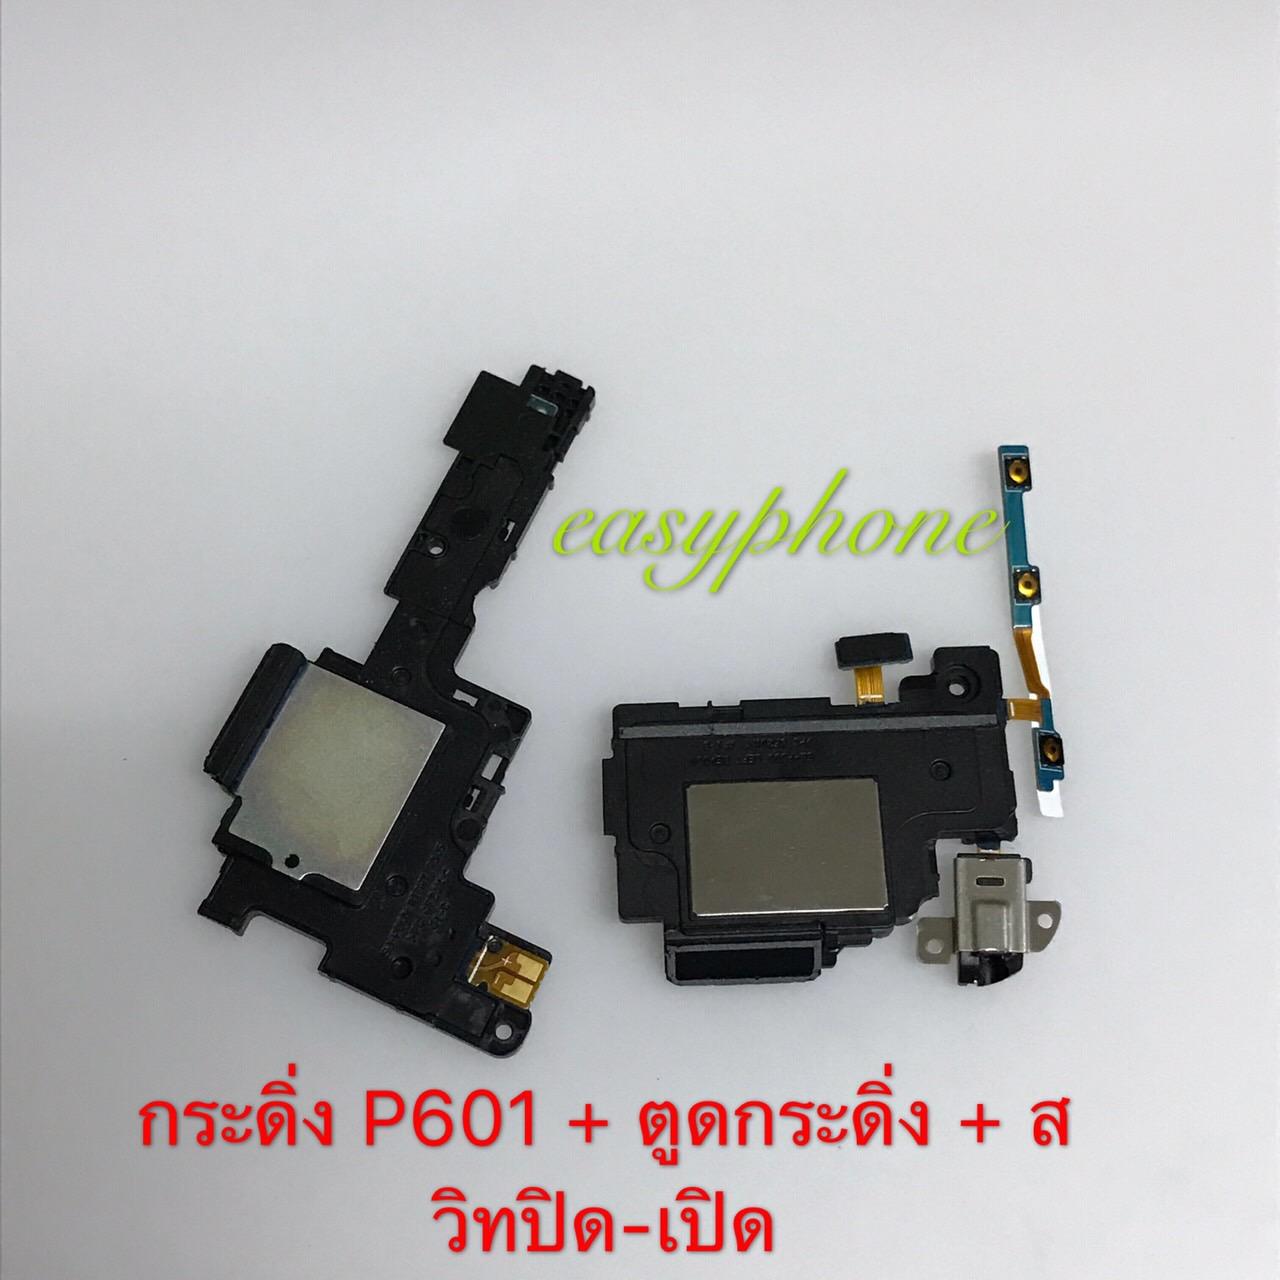 กระดิ่ง+ตูดกระดิ่ง+สวิทเปิด-ปิด Samsung P601